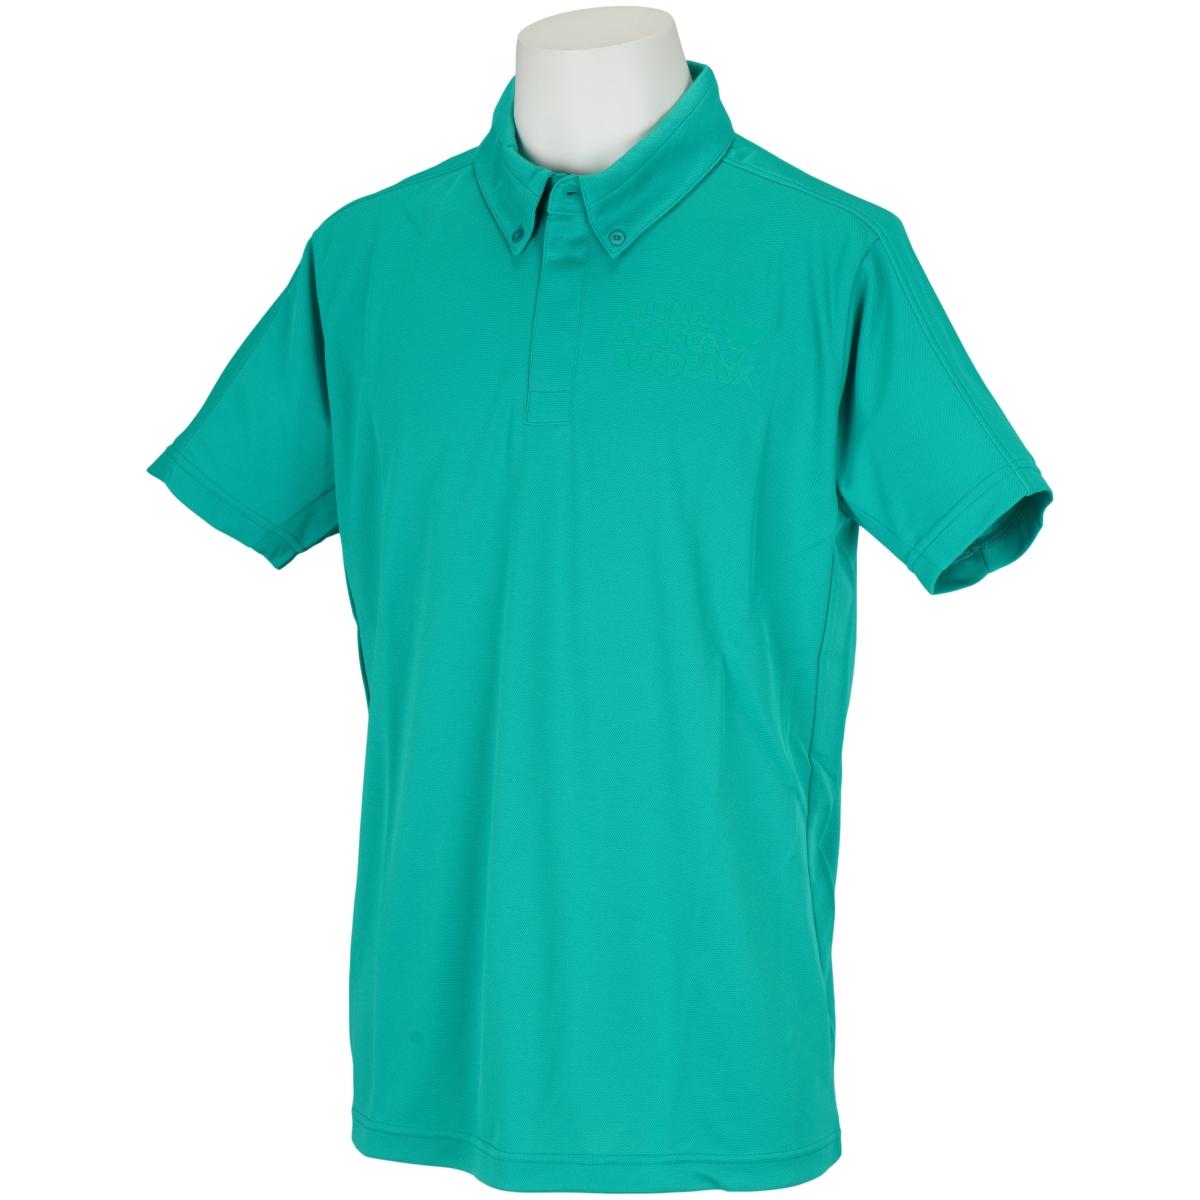 シームレススリーブ半袖ポロシャツ